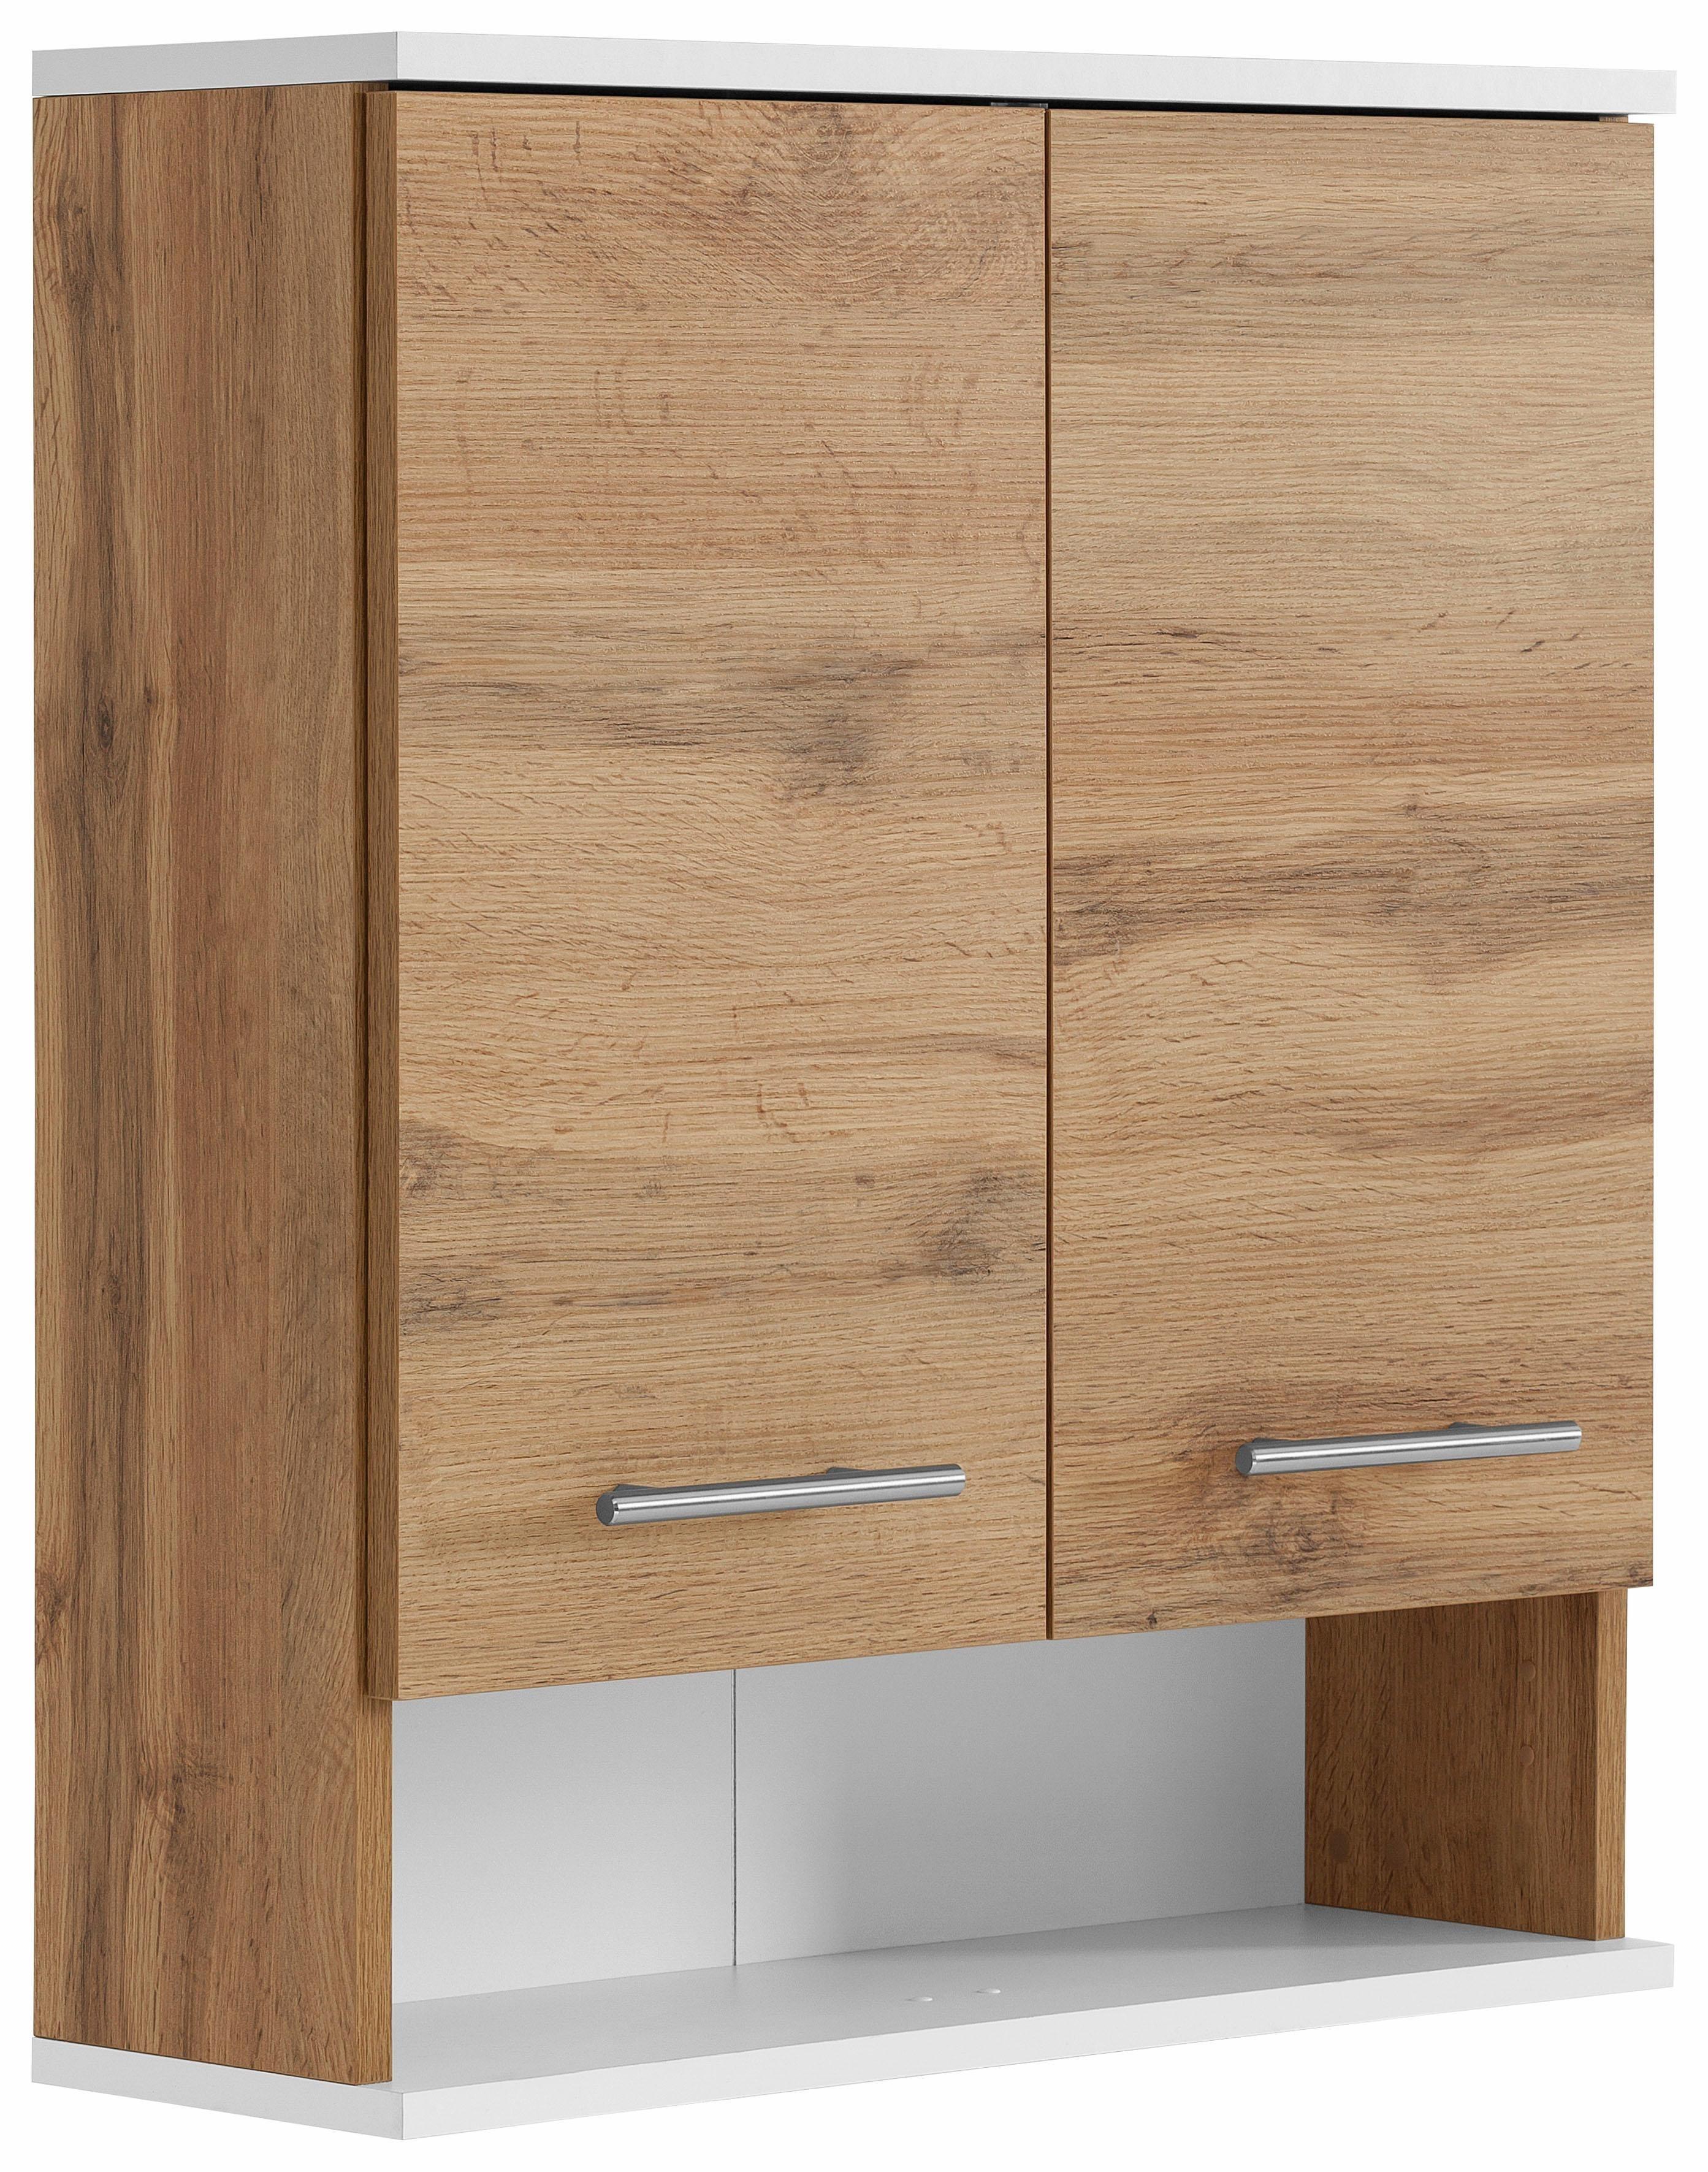 fm mobler weitere schr nke online kaufen m bel suchmaschine. Black Bedroom Furniture Sets. Home Design Ideas